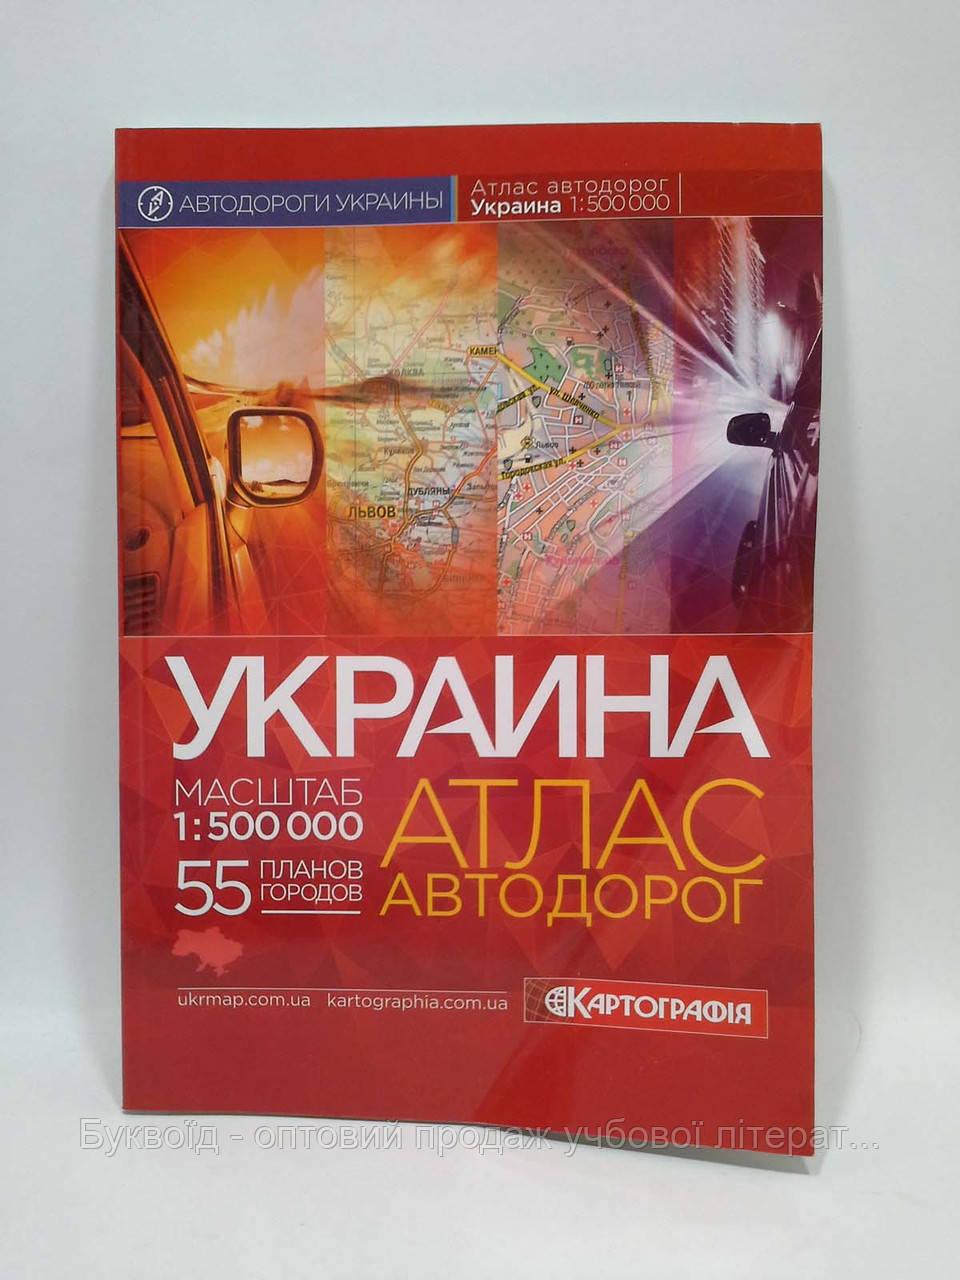 Авто Україна РУС 1:500 000 мягк +55 ПМ Атлас автодорог Авто Украина, фото 1